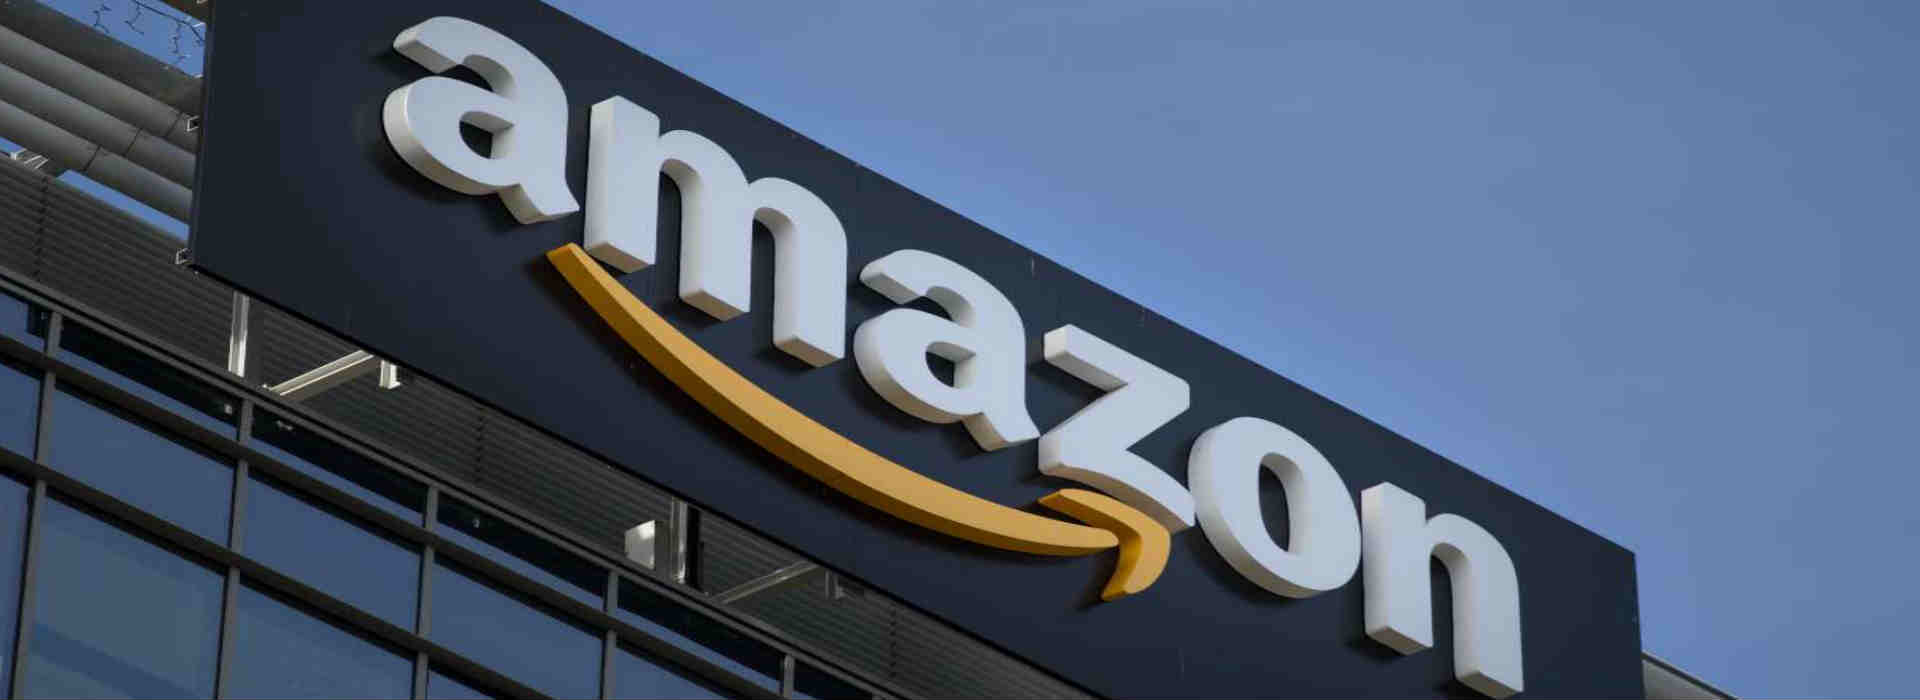 Amazon assunzioni